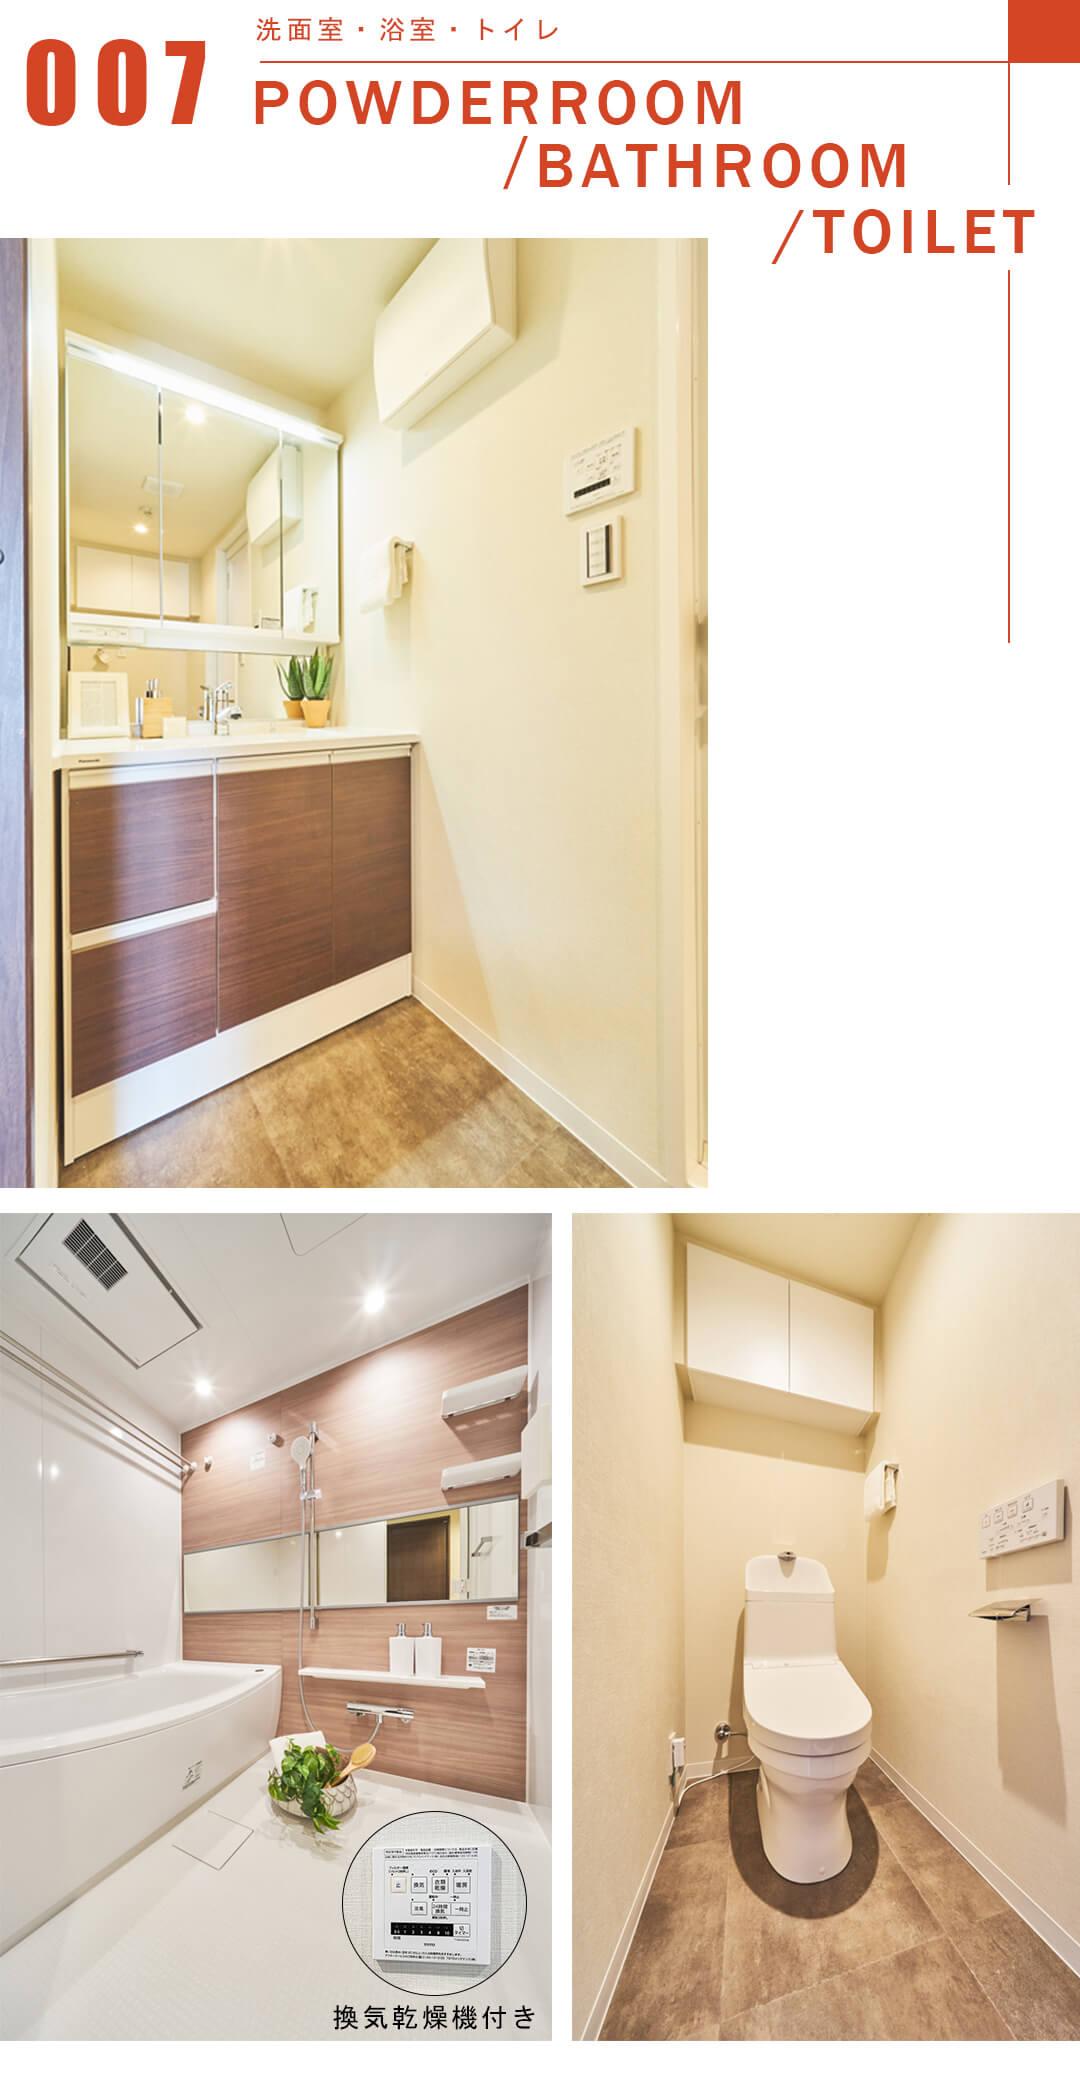 エクセルシオール新桜台の洗面室と浴室とトイレ